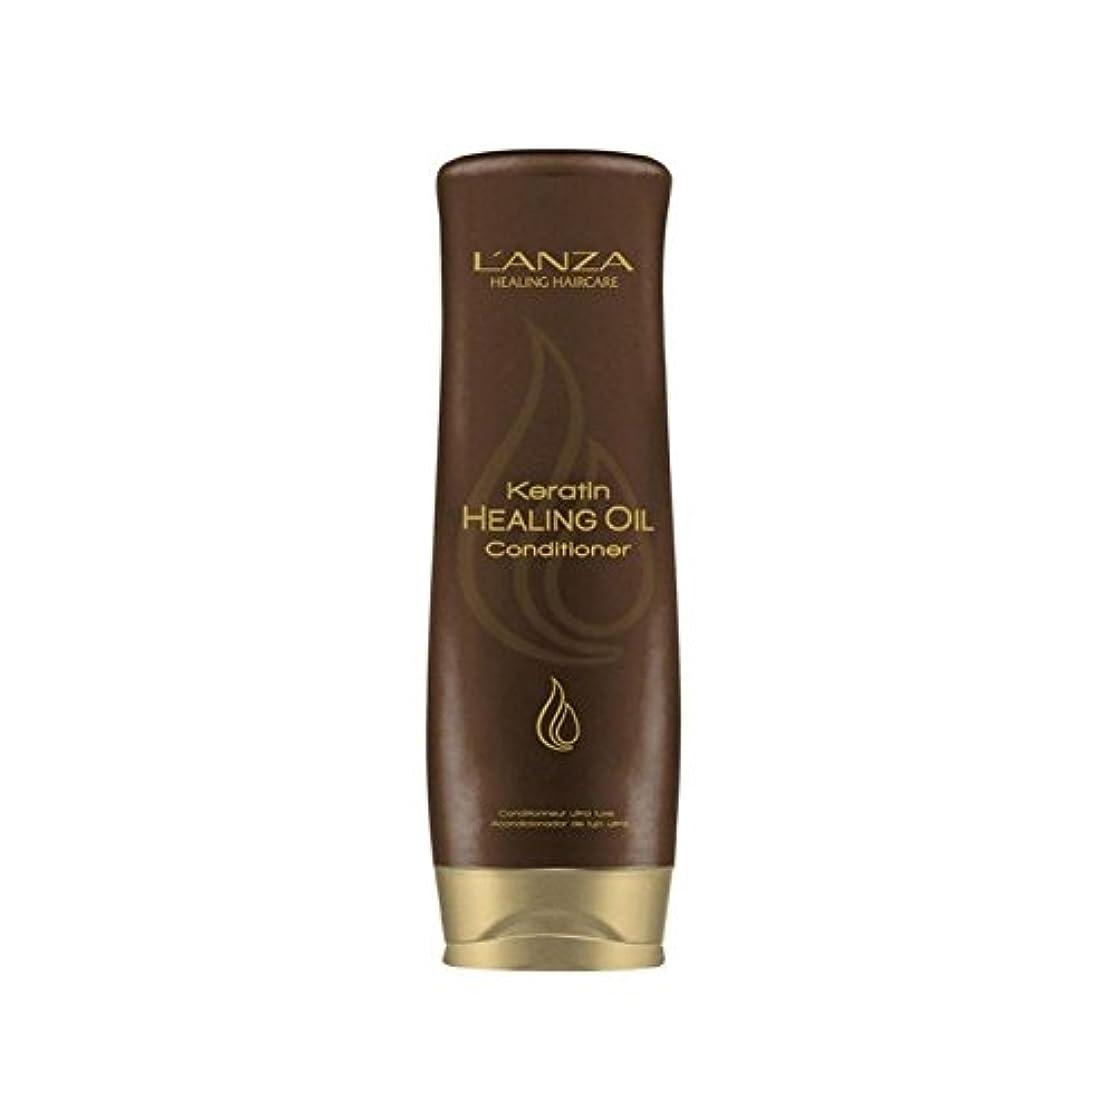 共役ストロークぴかぴかアンザケラチンオイルコンディショナー(250ミリリットル)を癒し x2 - L'Anza Keratin Healing Oil Conditioner (250ml) (Pack of 2) [並行輸入品]